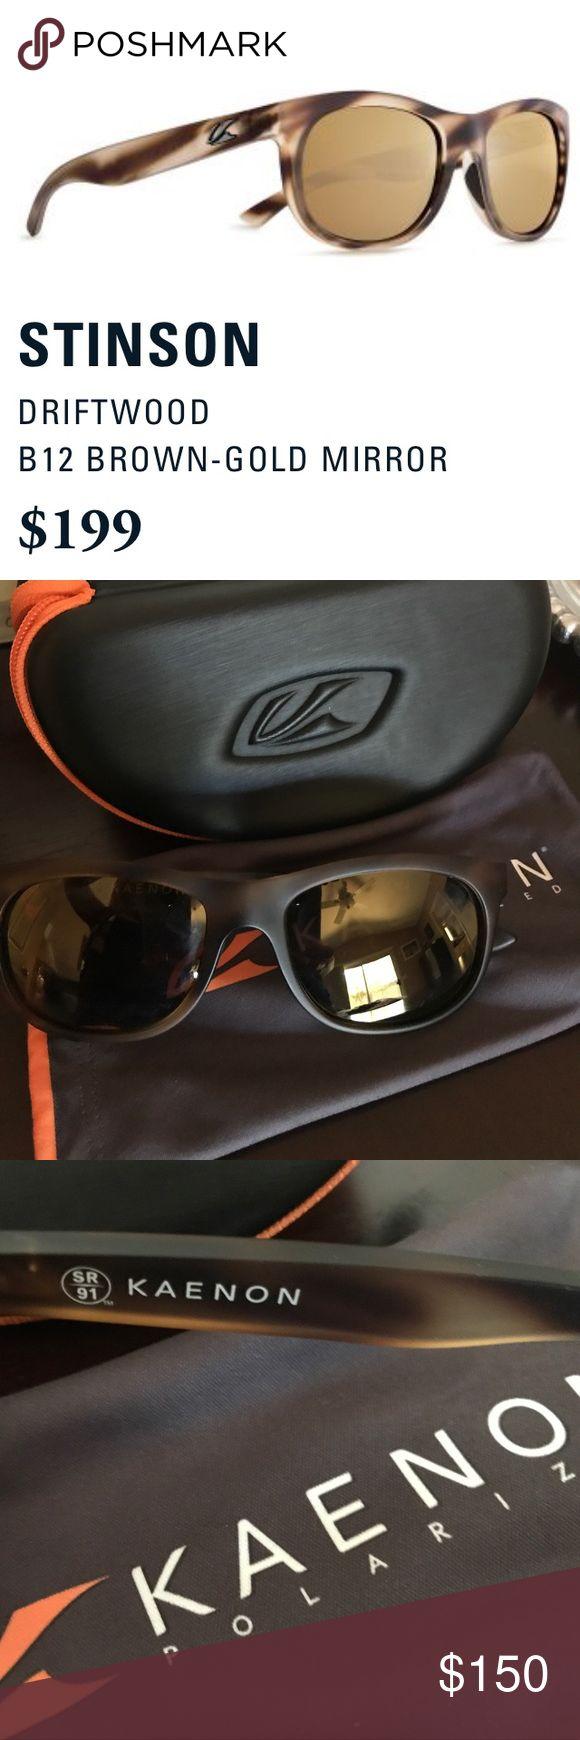 Kaenon polarized sunglasses Brand new, no scratches kaenon